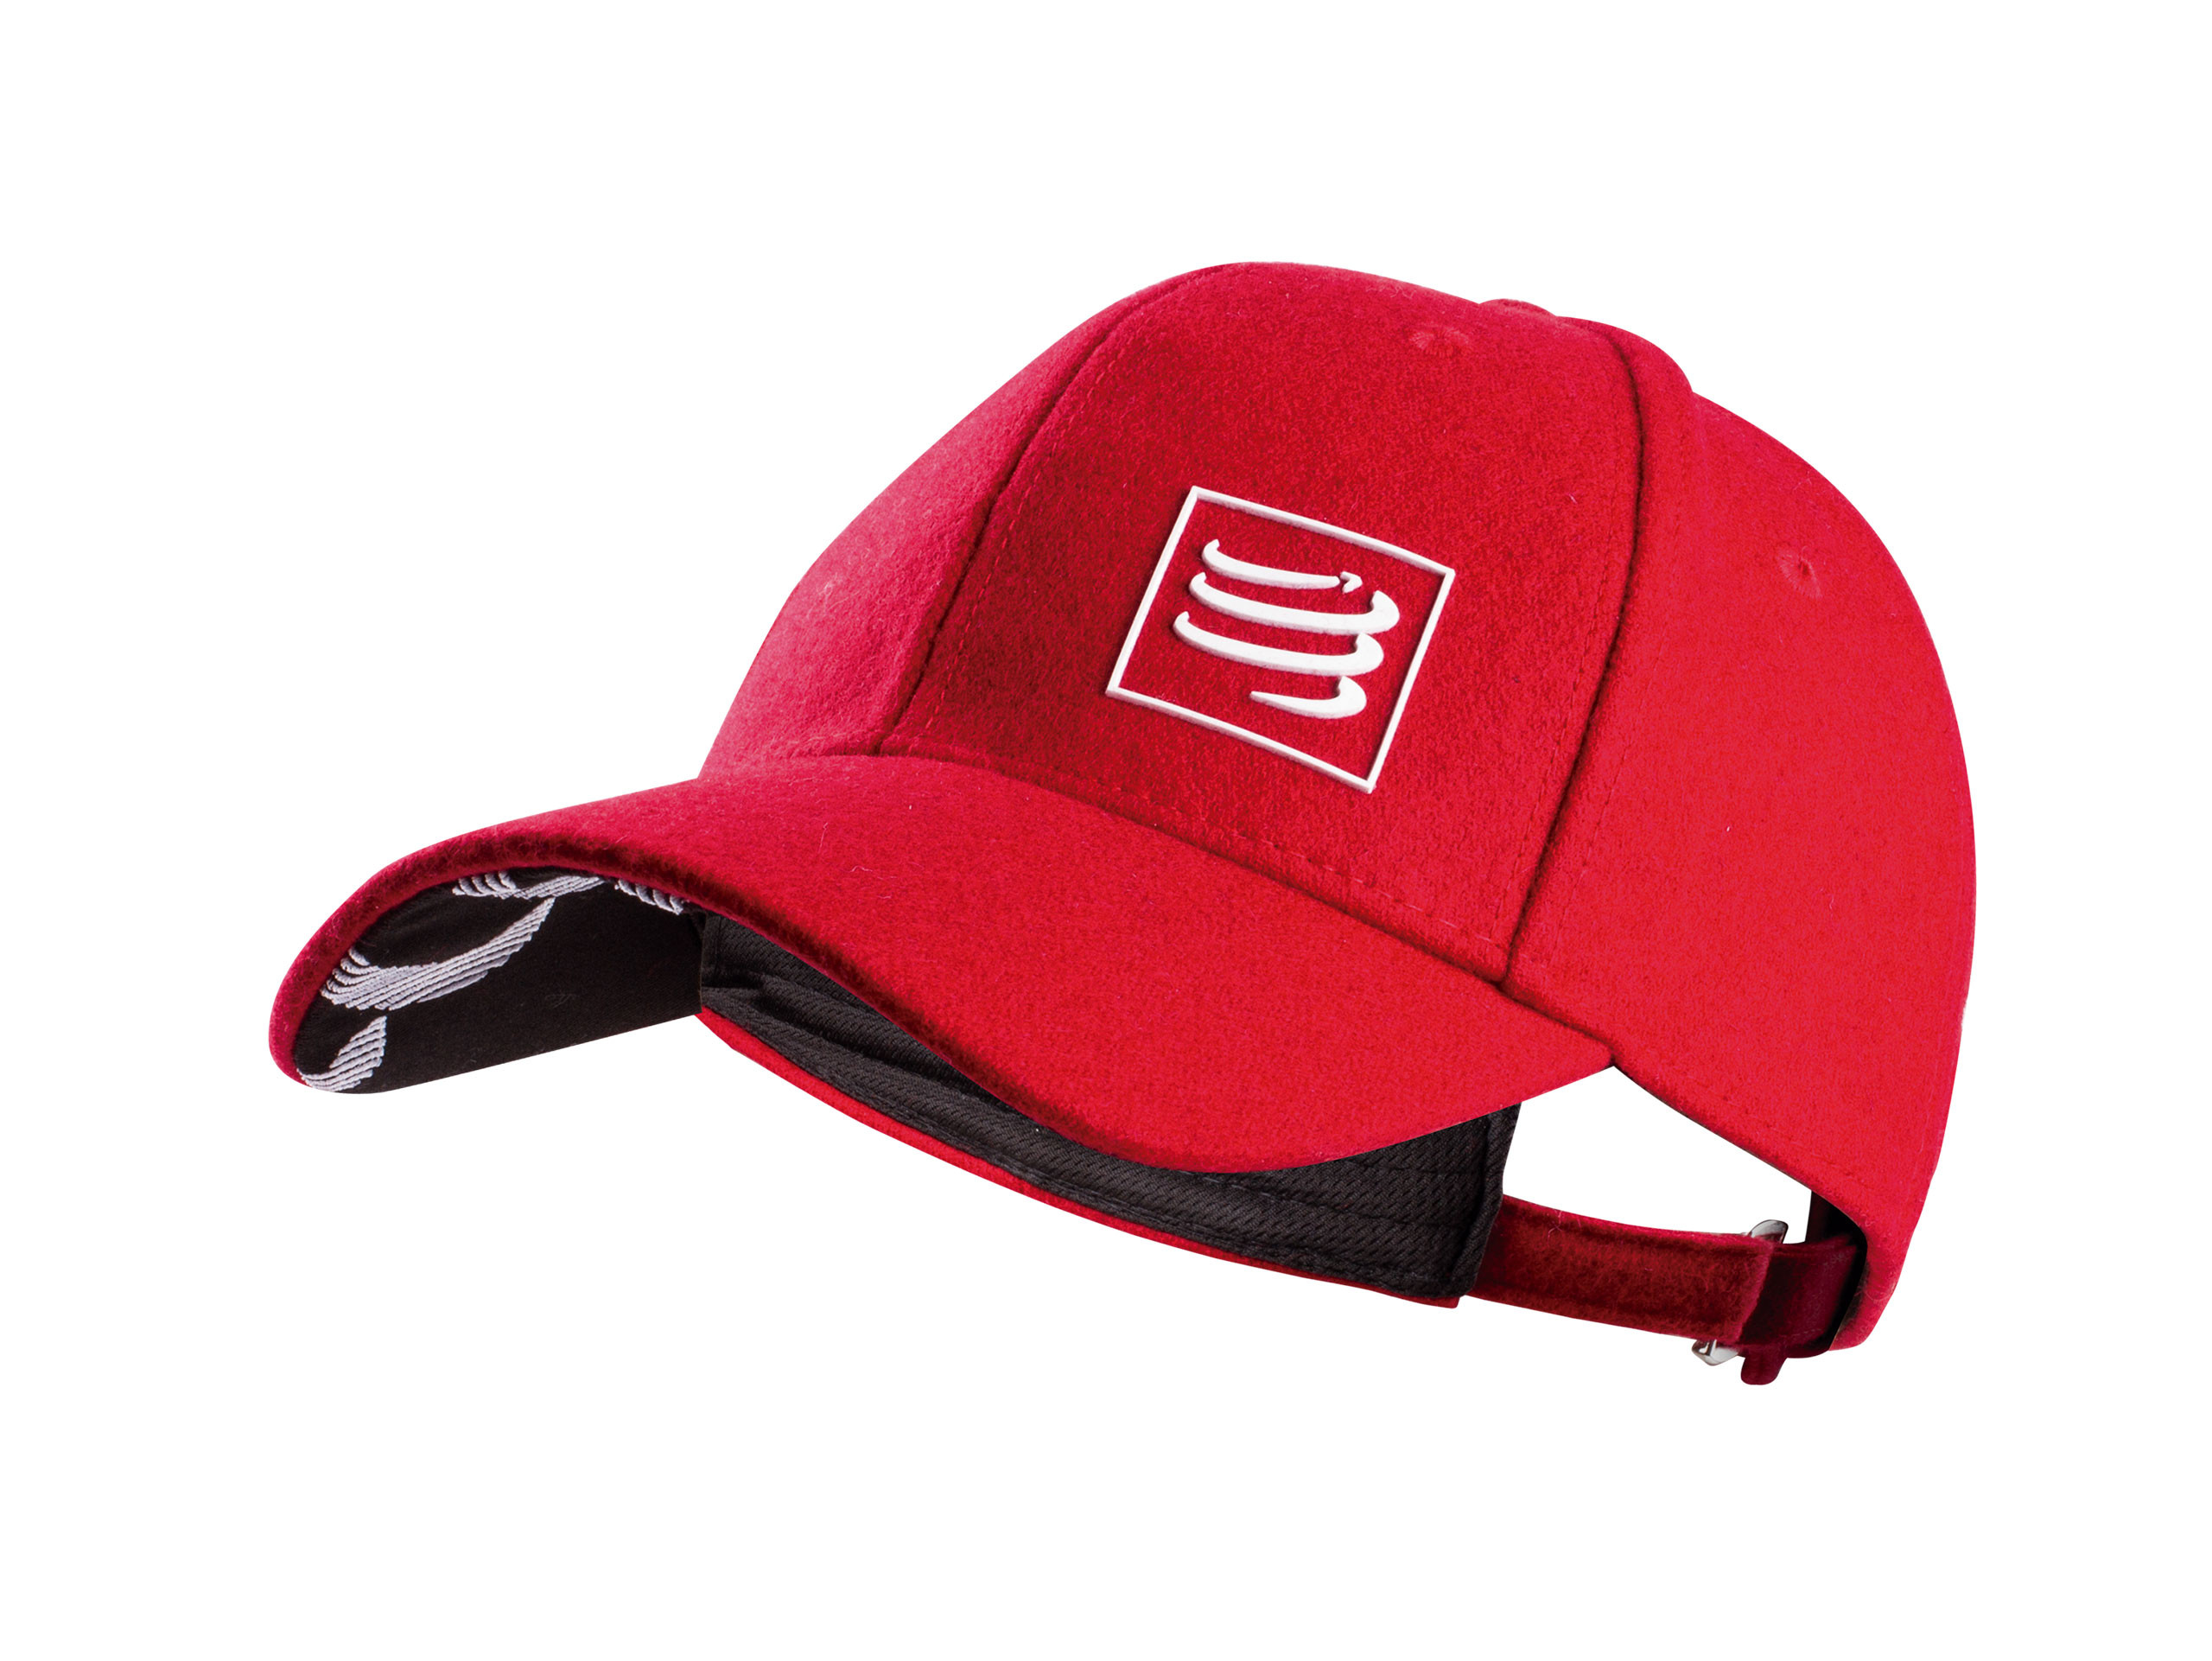 Gorra de lana roja